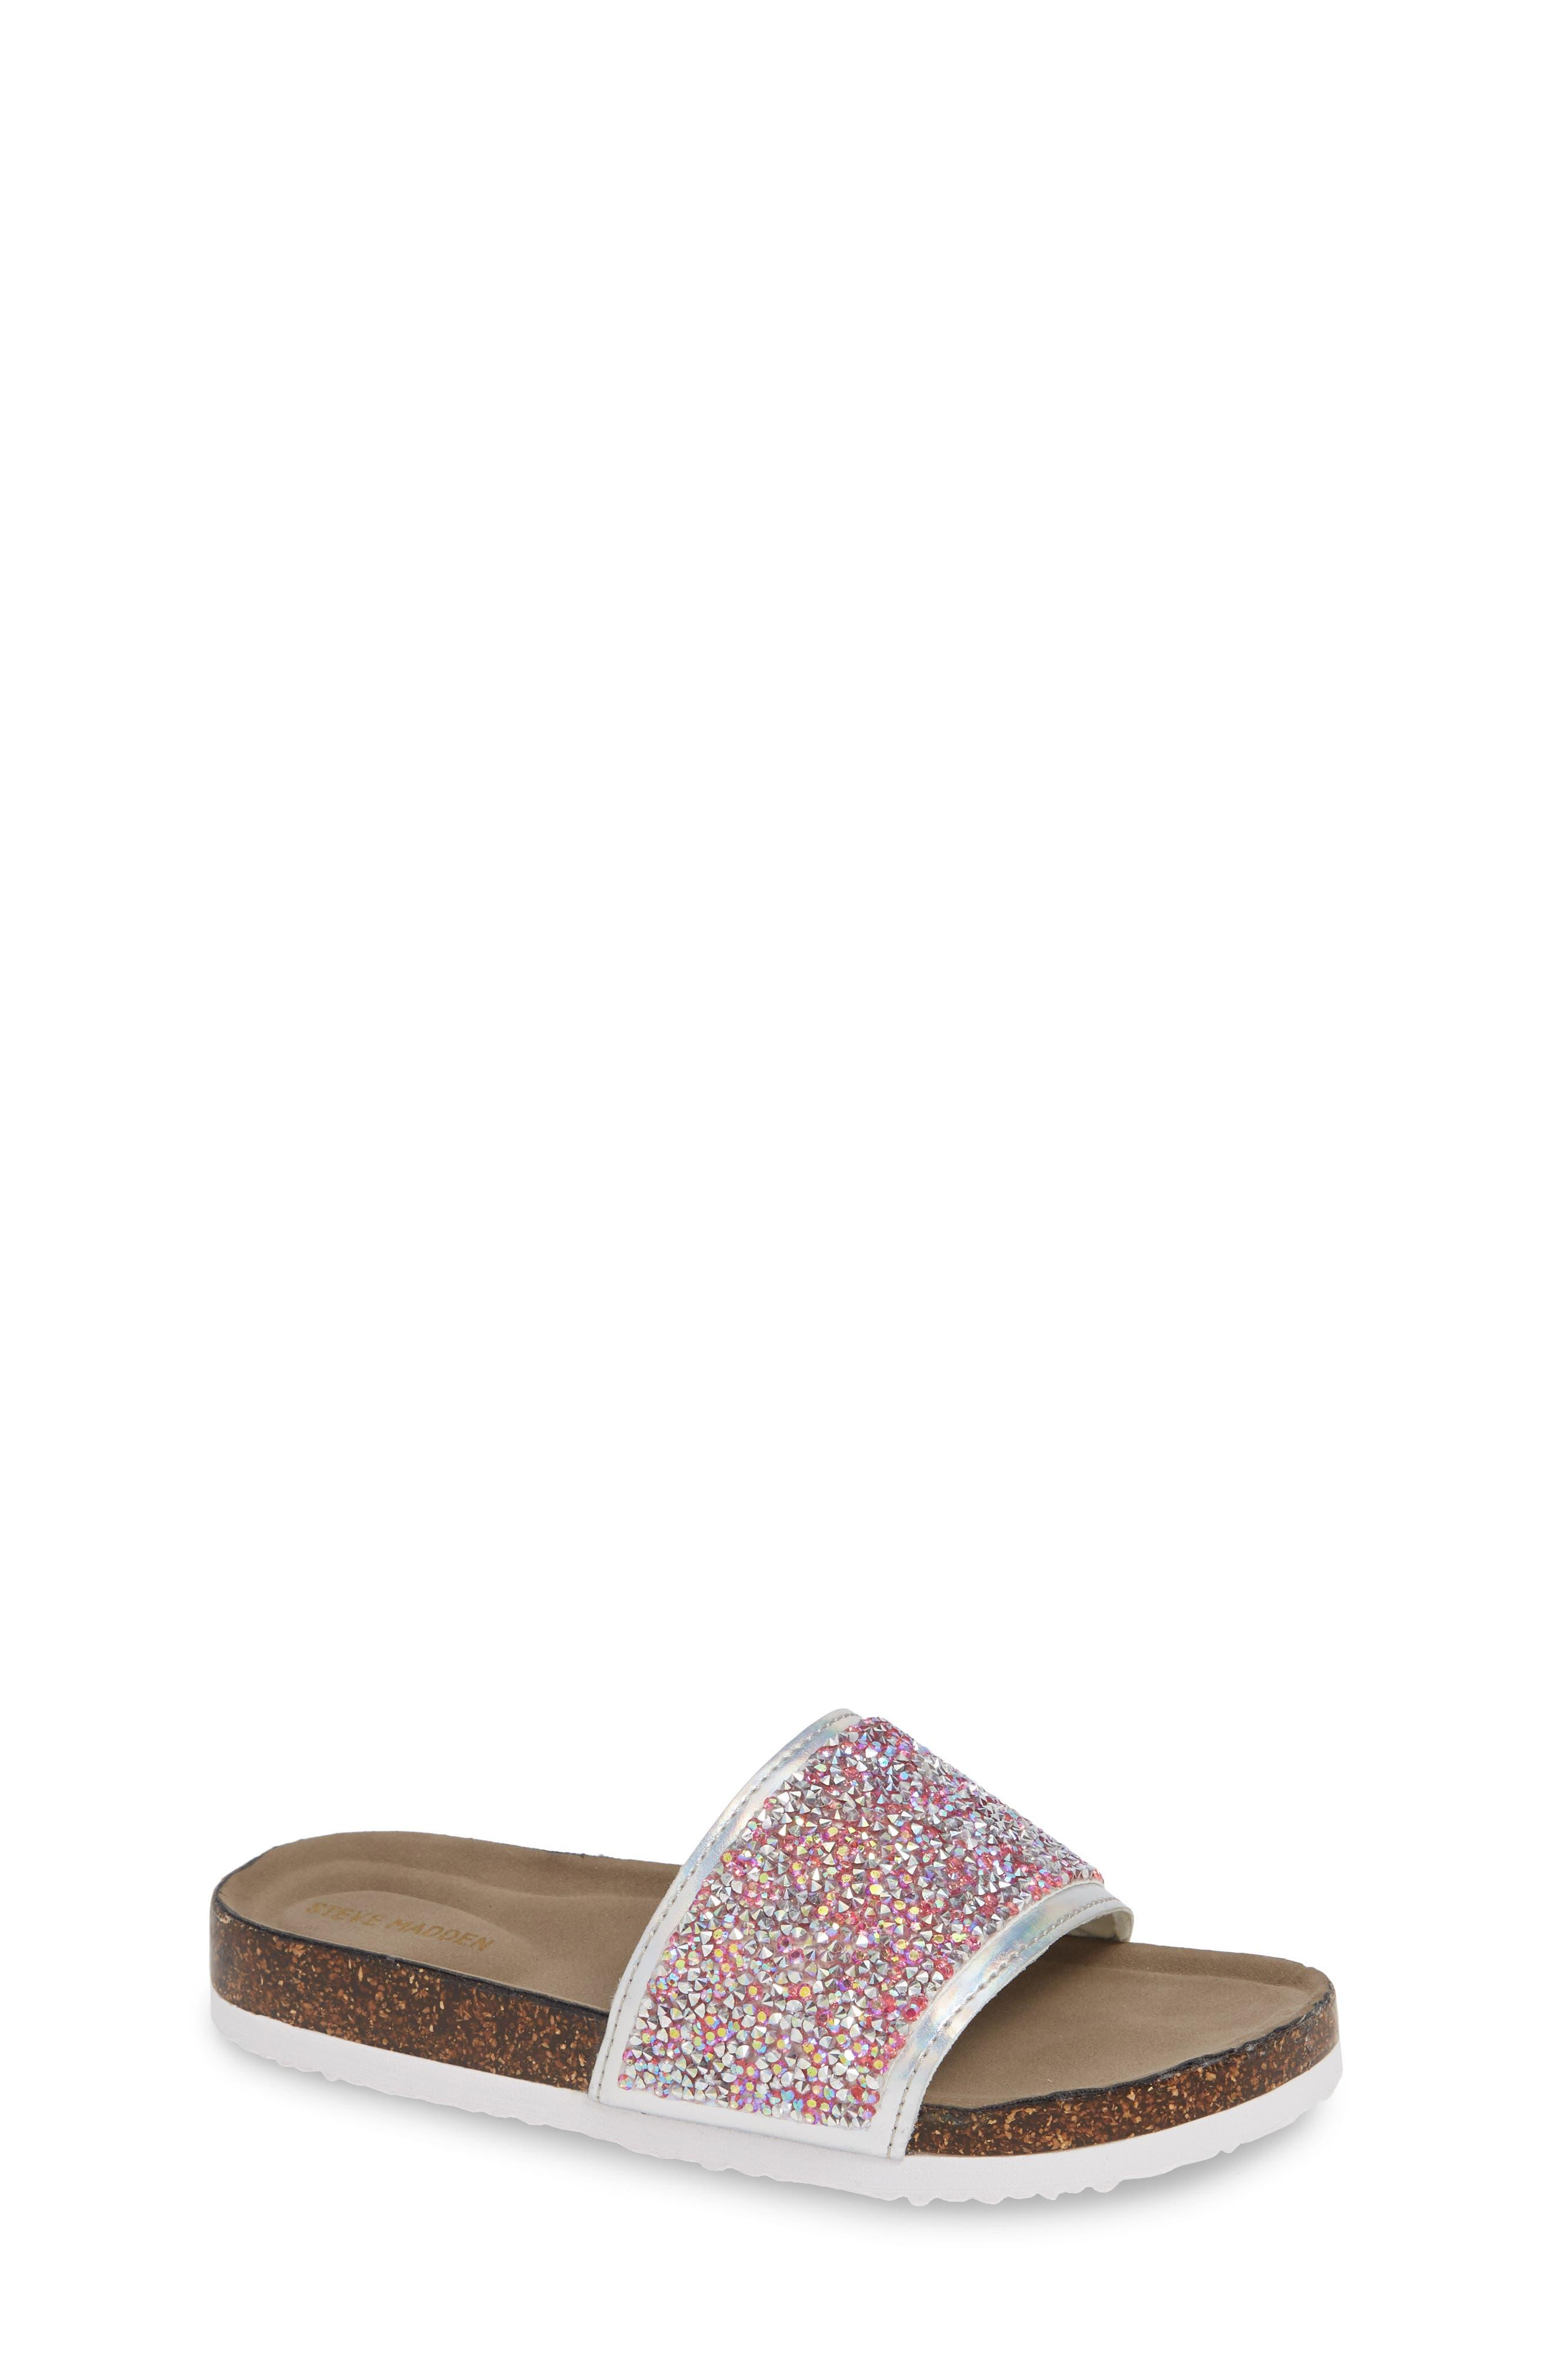 JShineon Sparkle Slide Sandal,                             Main thumbnail 1, color,                             PINK MULTI